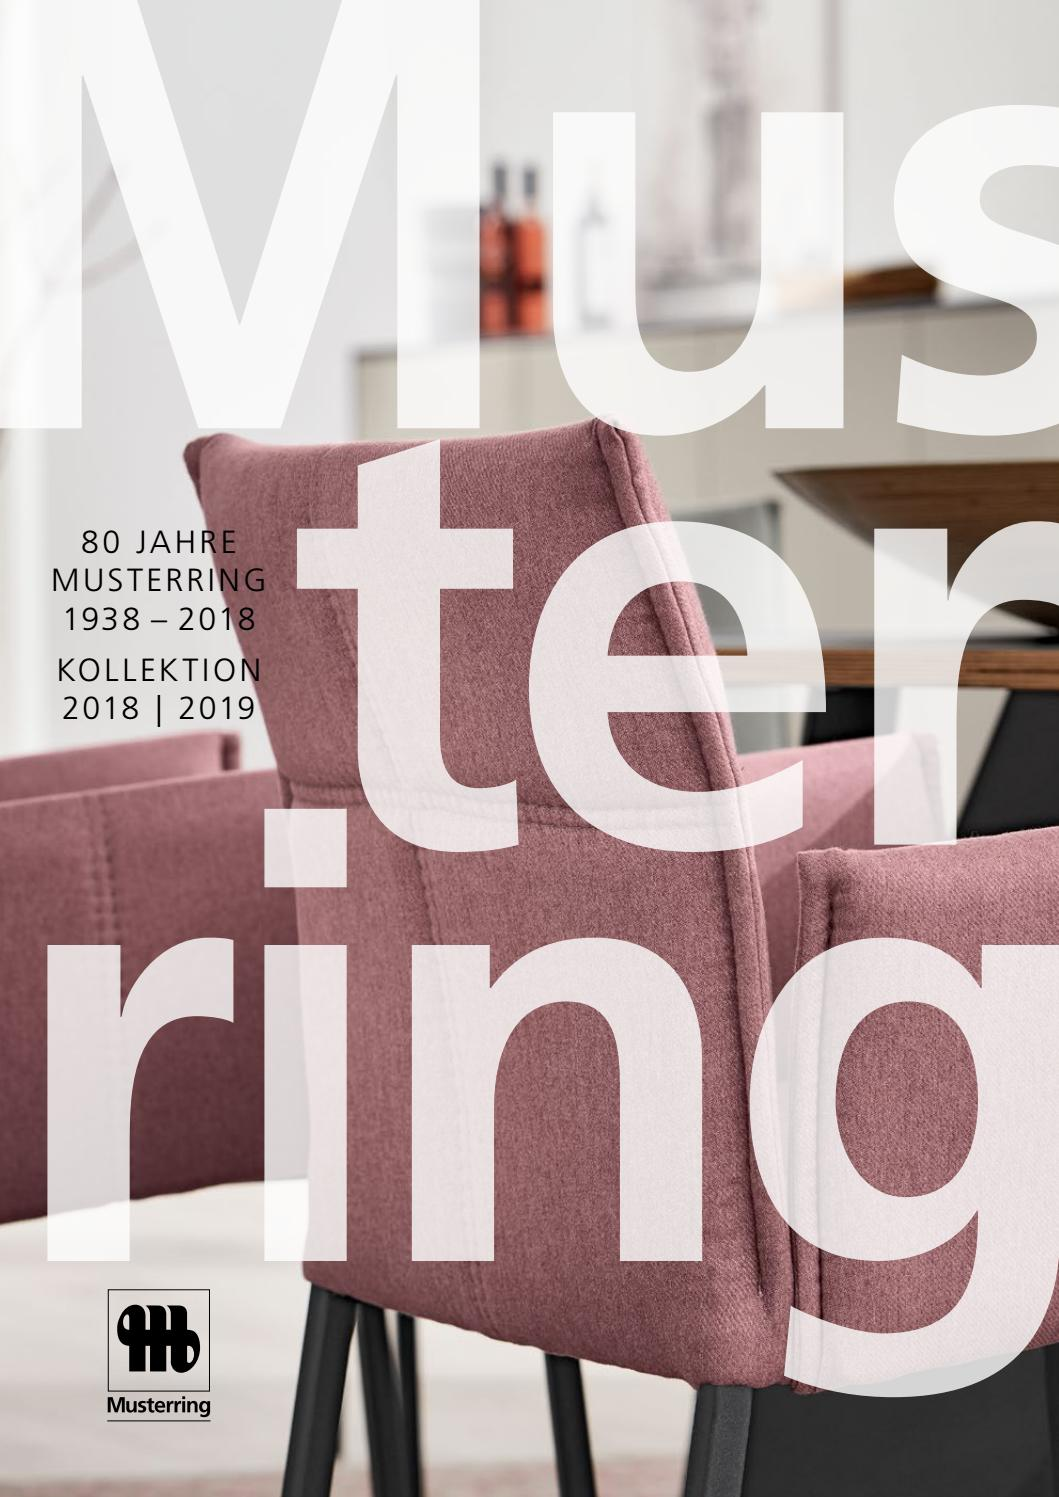 Musterring Katalog 2018 2019 By Perspektive Werbeagentur Issuu